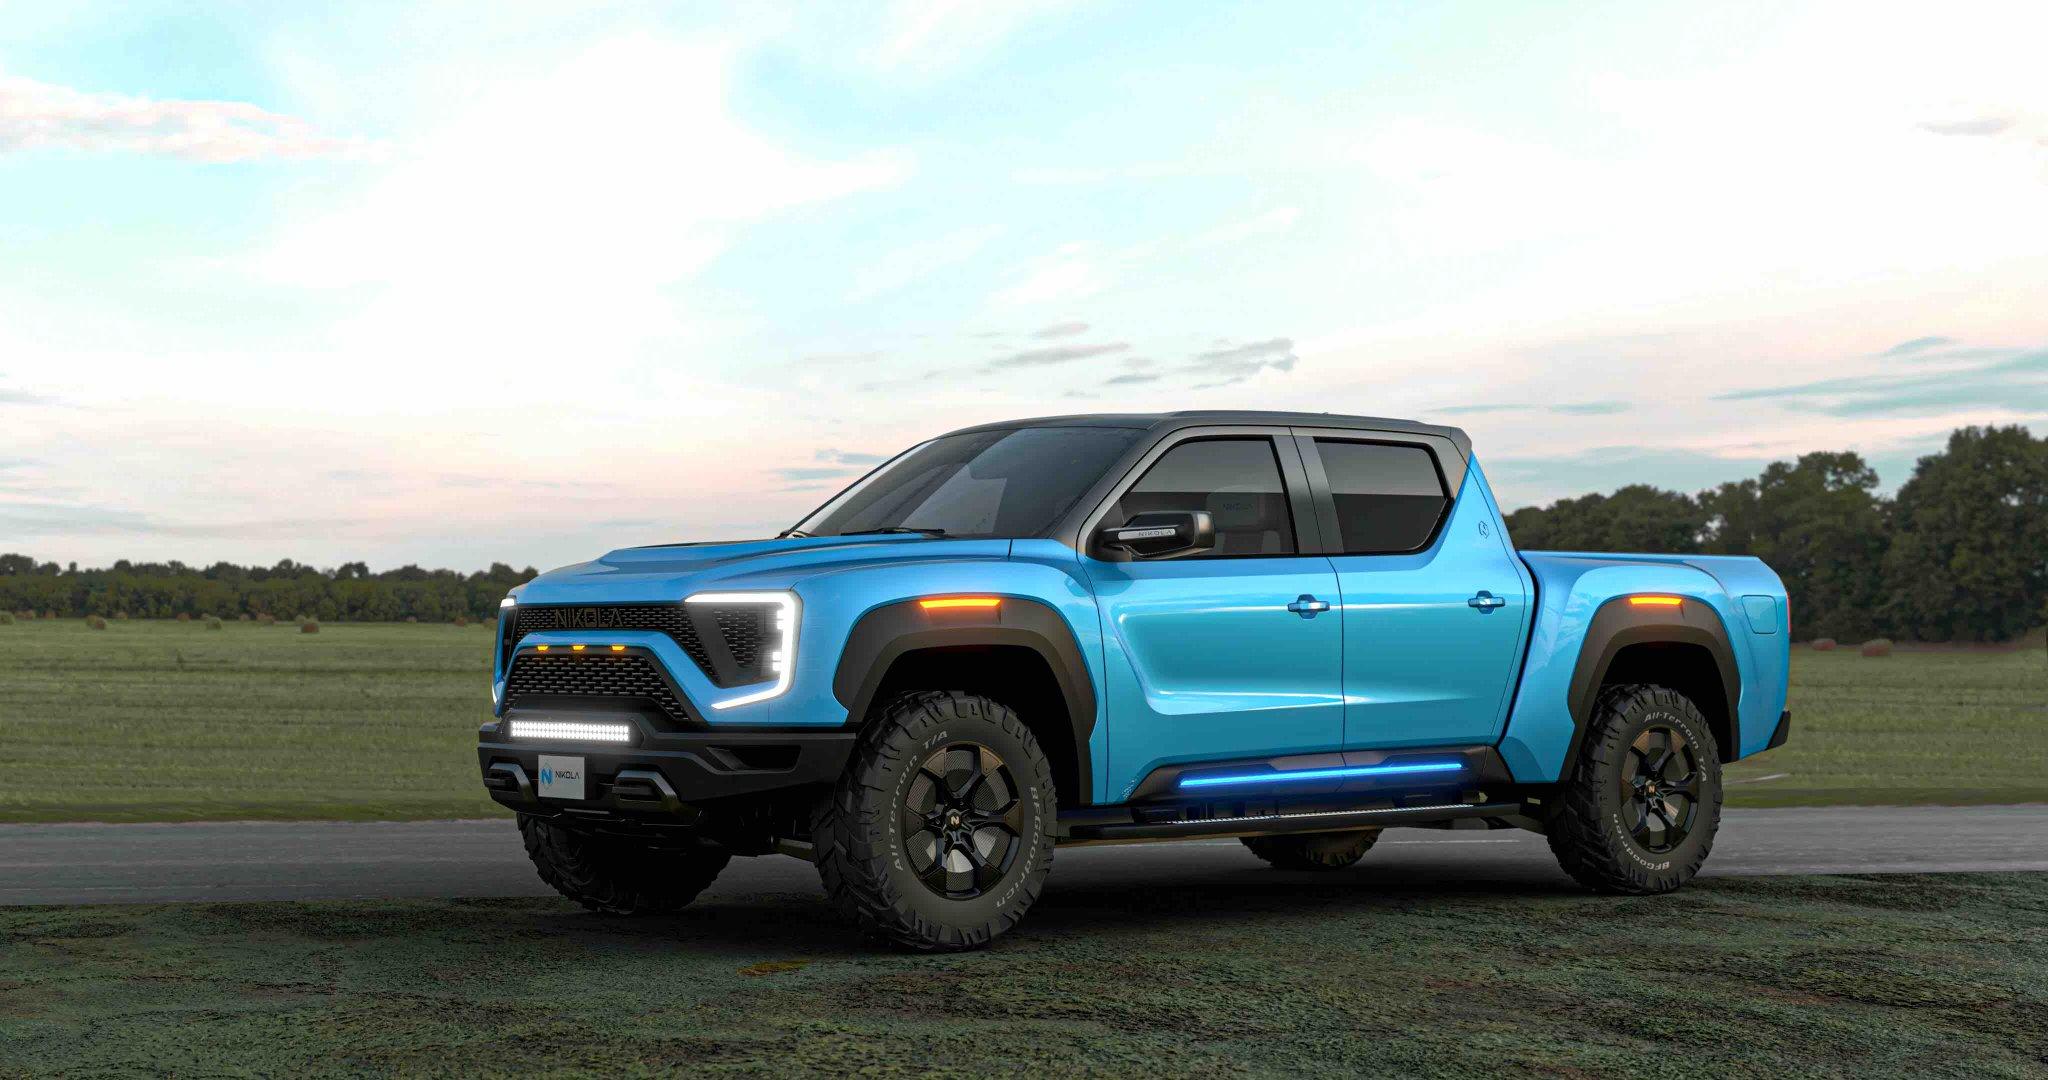 General Motors taking $2B equity stake in Nikola - 660 NEWS